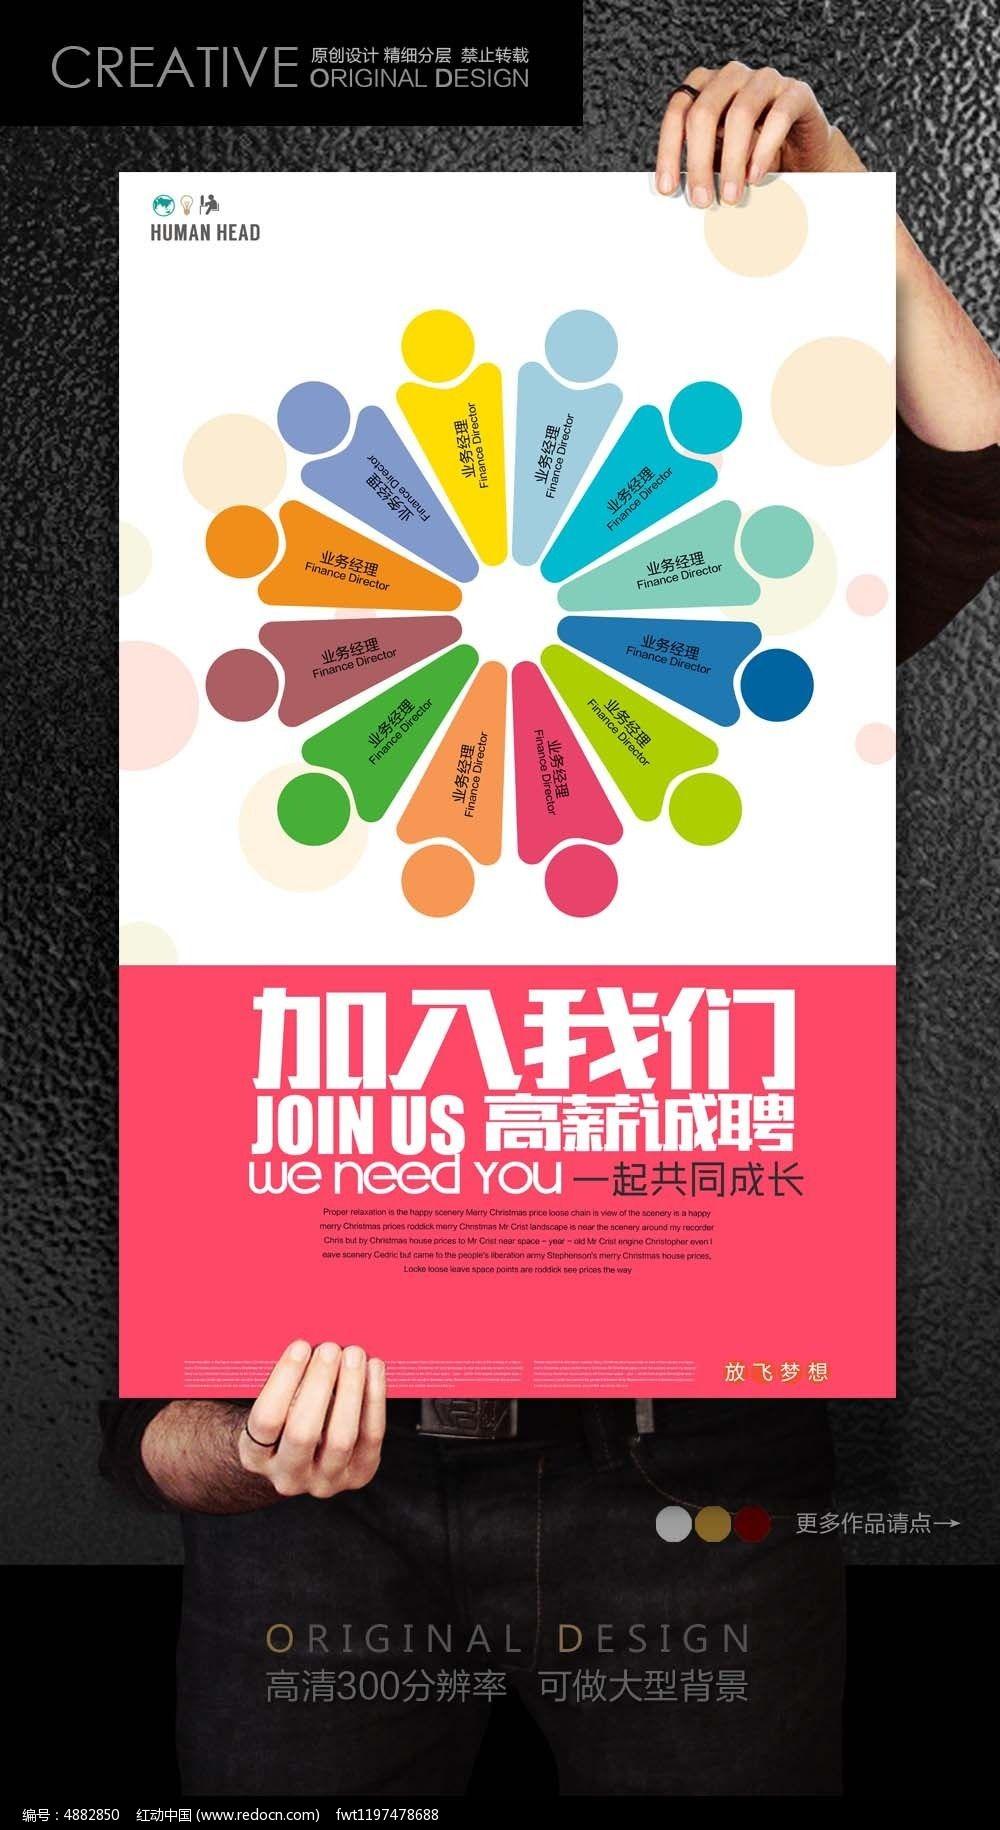 企业招聘海报宣传单展架素材